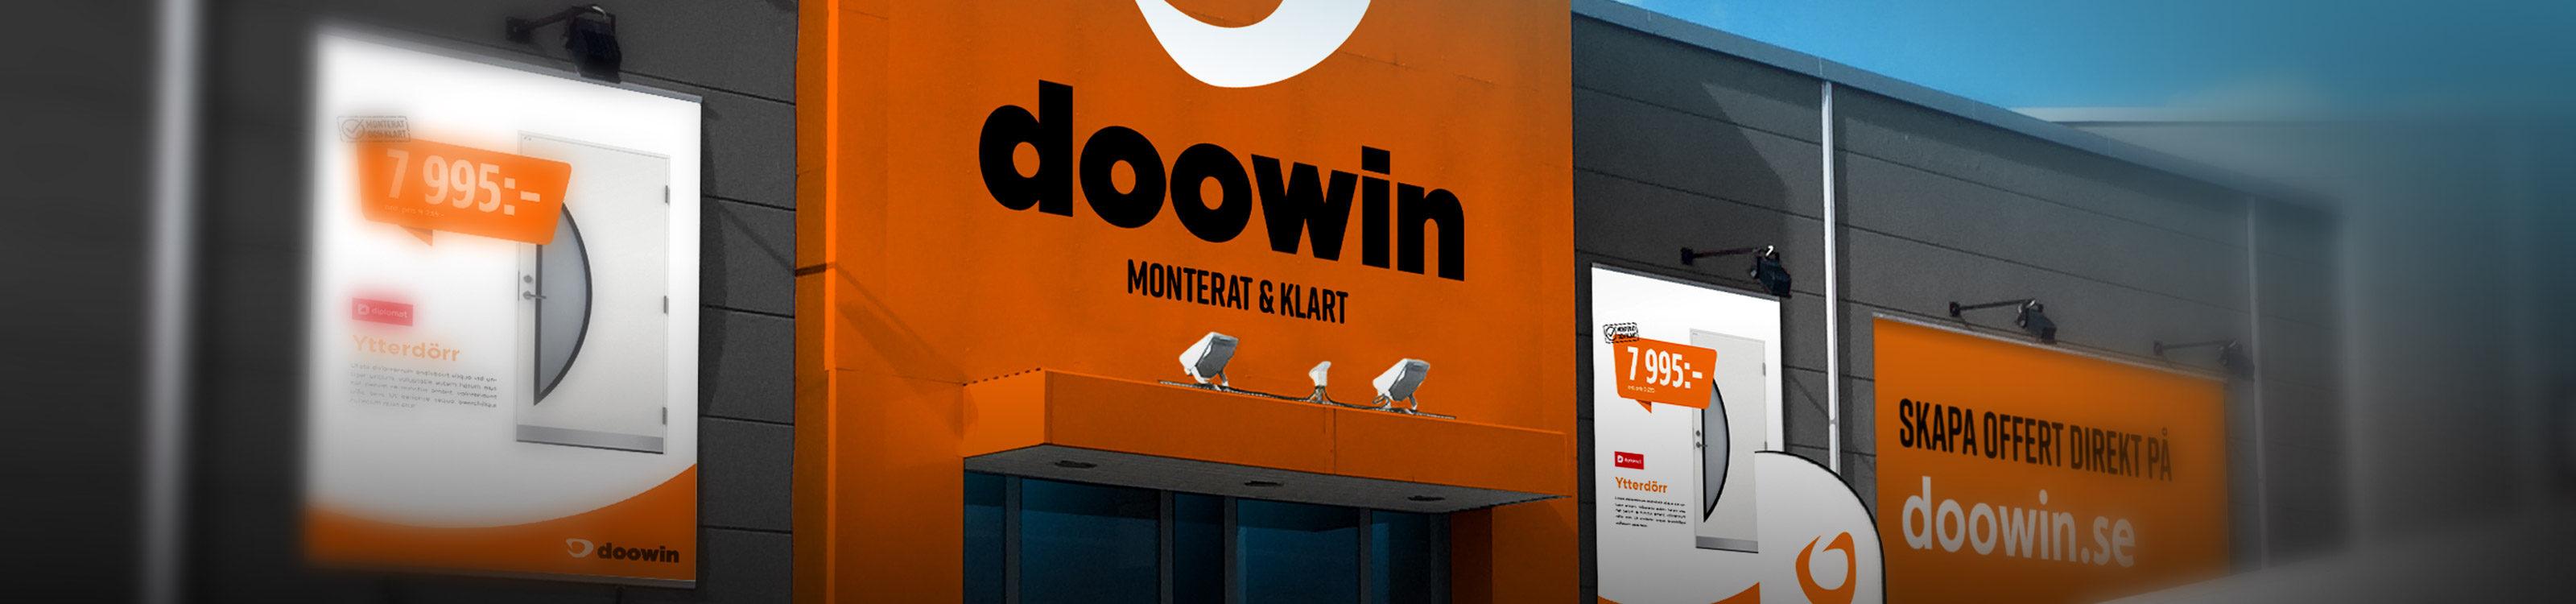 Bild på fasad på Doowin-butik